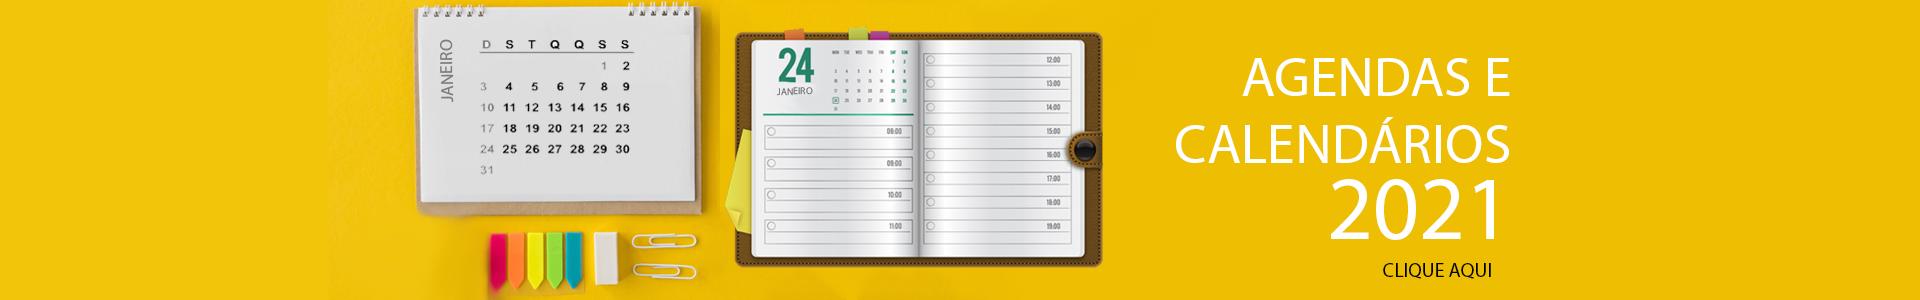 Agendas e calendários - Desktop